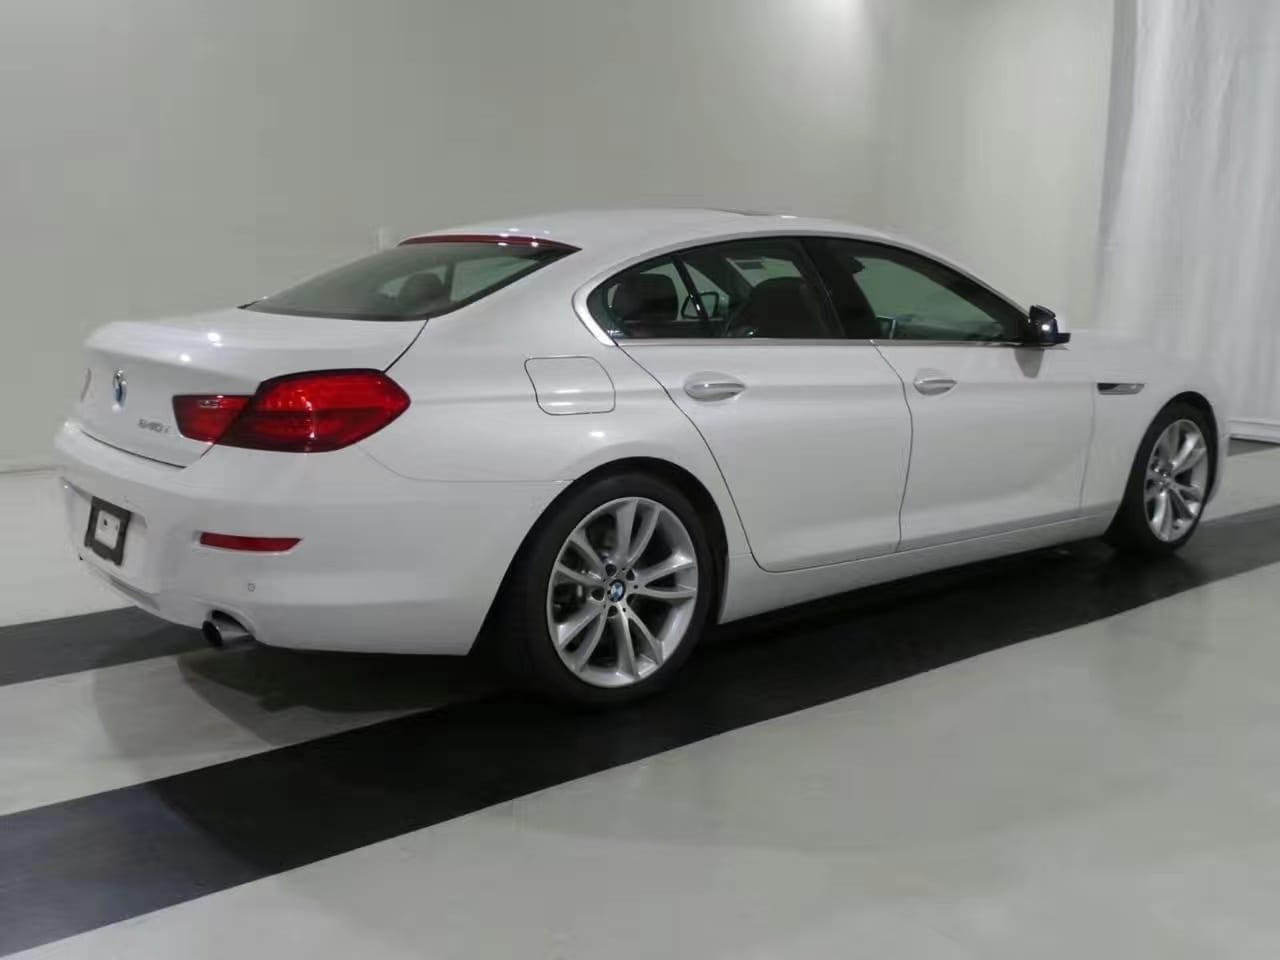 买车如何议价 2013 bmw 640i Grandcoupe,里程2w4,价格仅仅4w出头